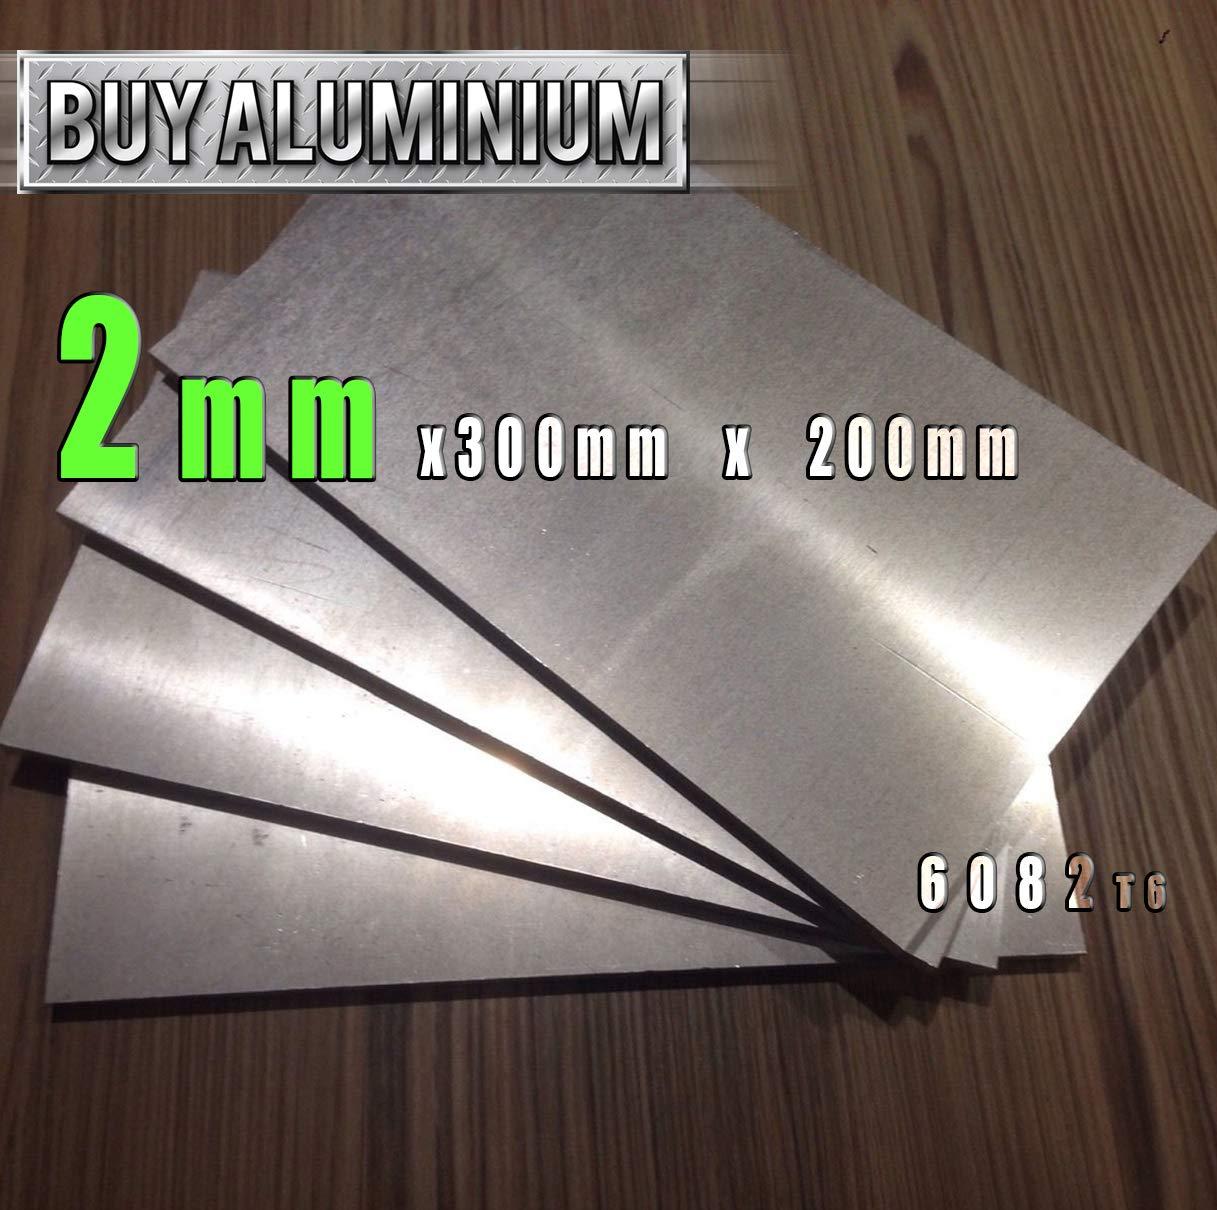 100mm x 100mm Placa de aluminio de 2 mm 6082 T6